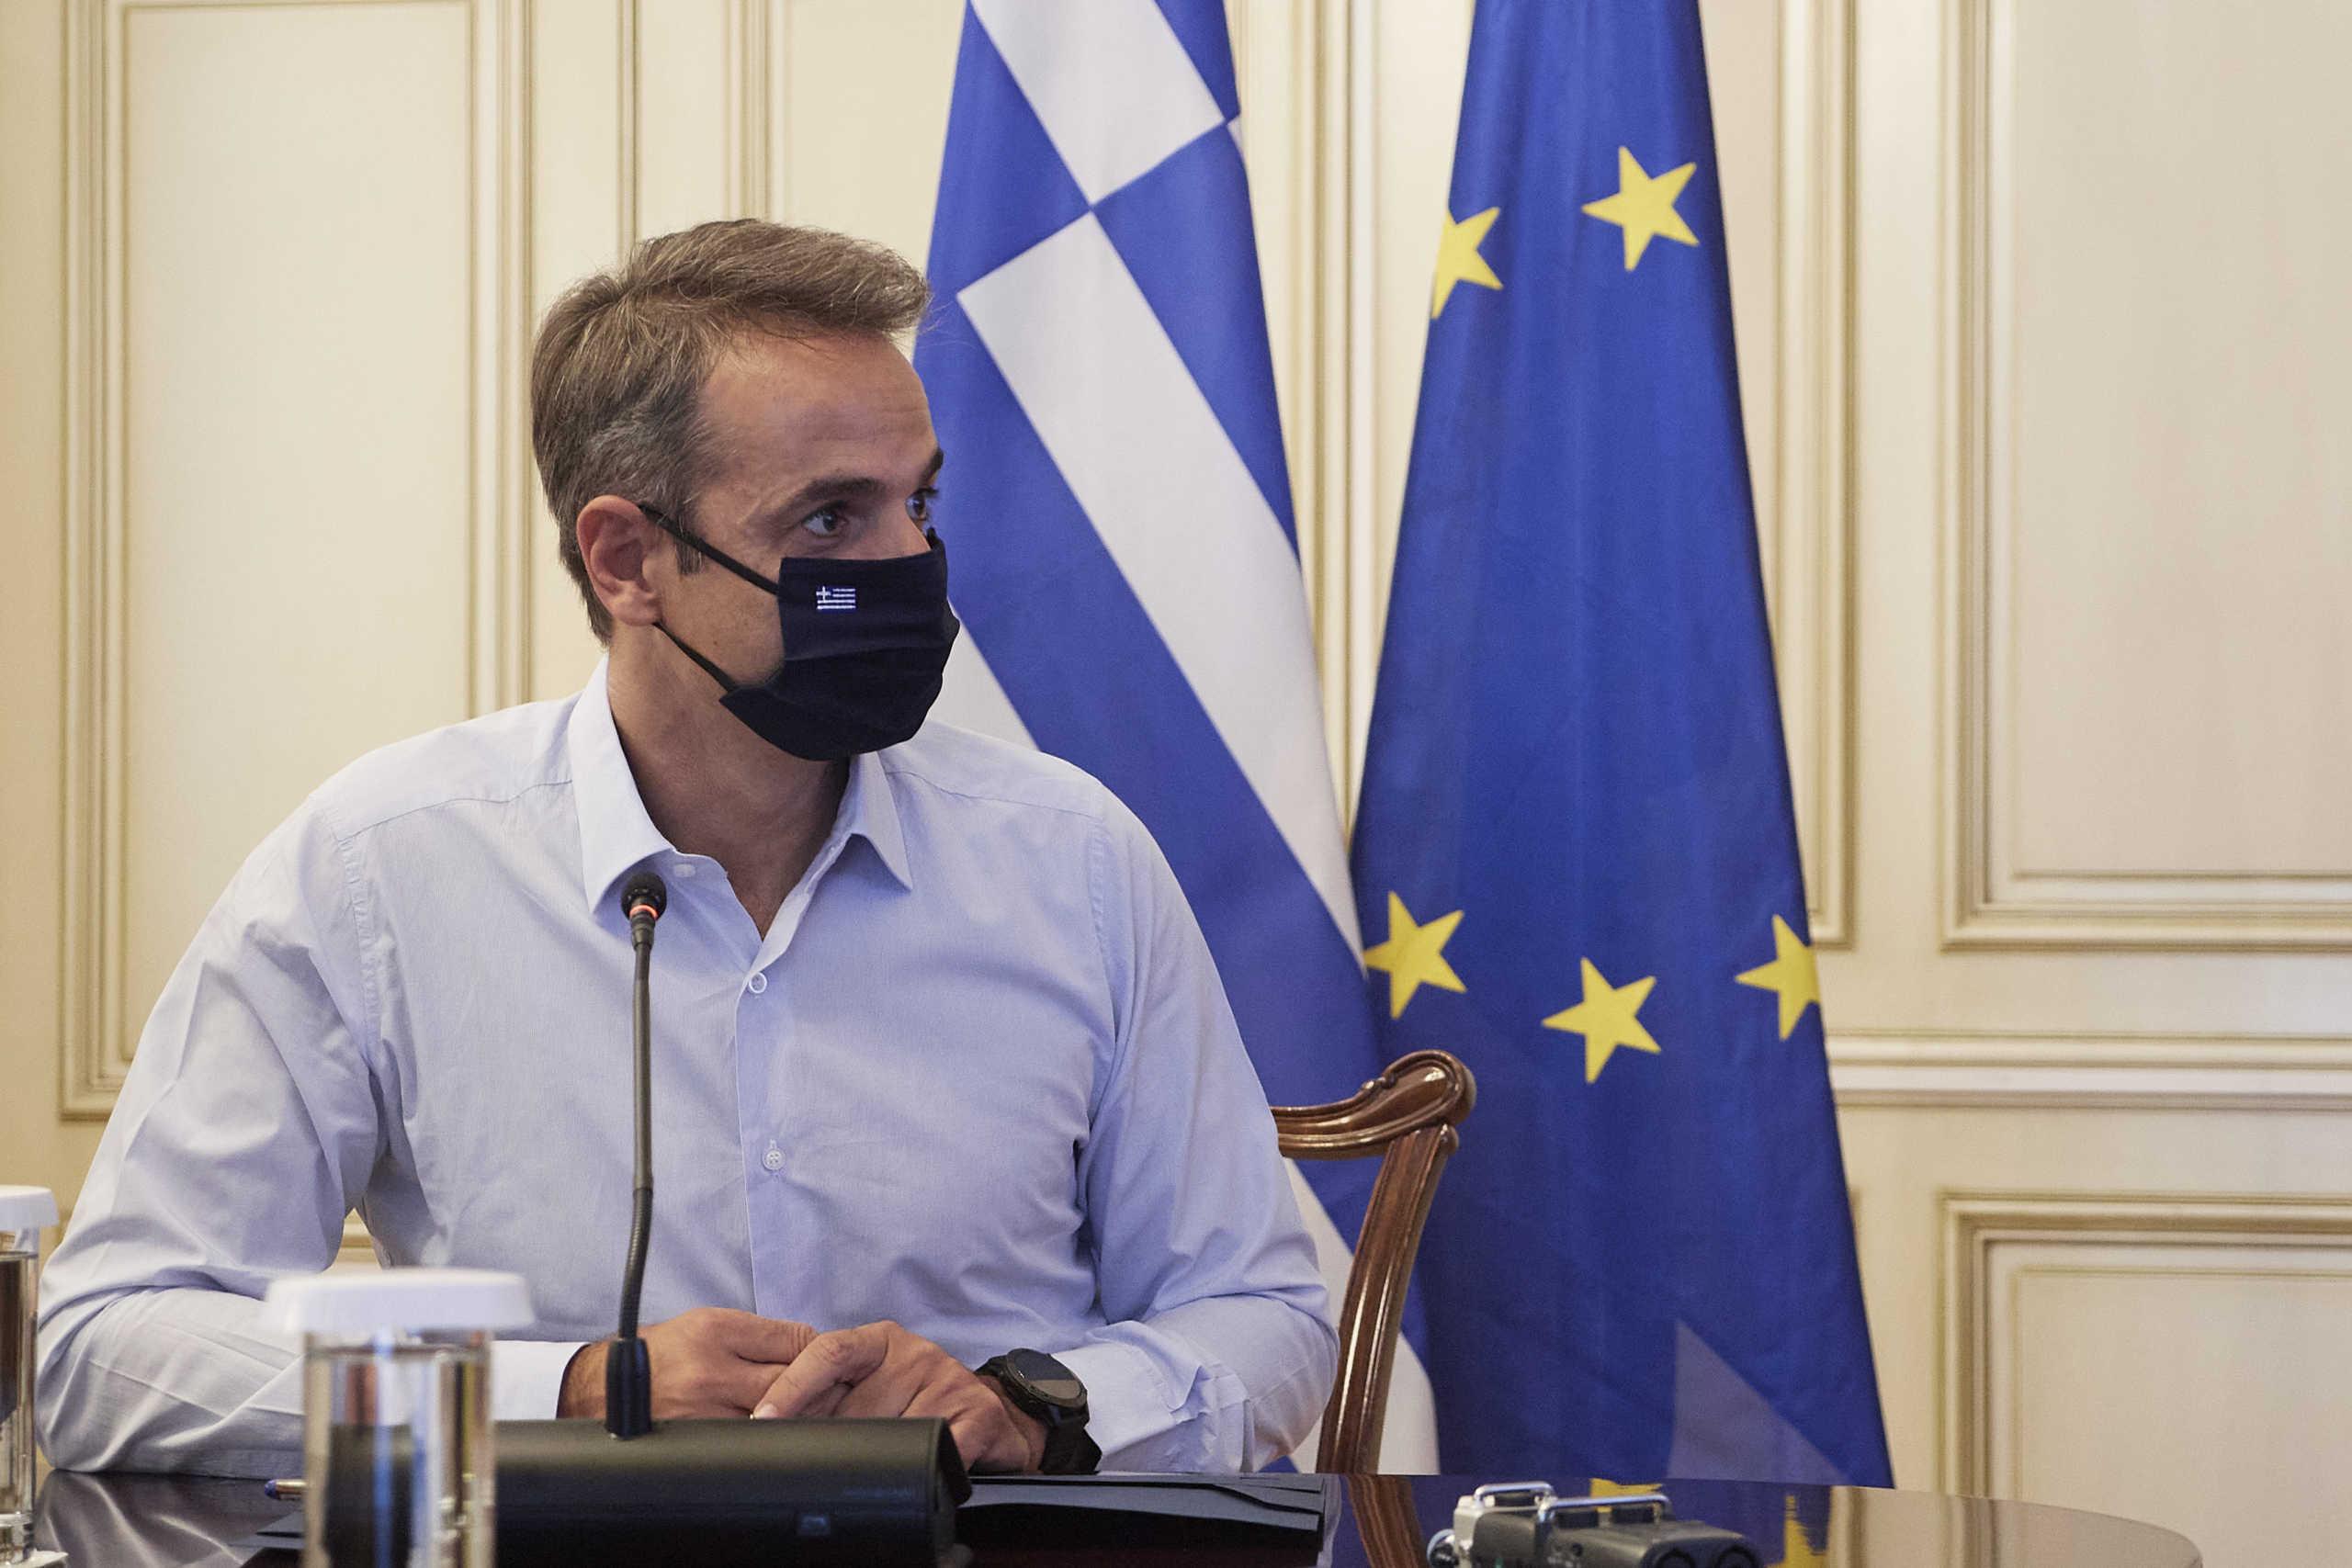 Τηλεδιάσκεψη Μητσοτάκη για τον κορονοϊό: Συναγερμός για τα κρούσματα σε νέους – Λεπτομερείς οδηγίες για το πού χρειάζεται μάσκα ζήτησε ο πρωθυπουργός